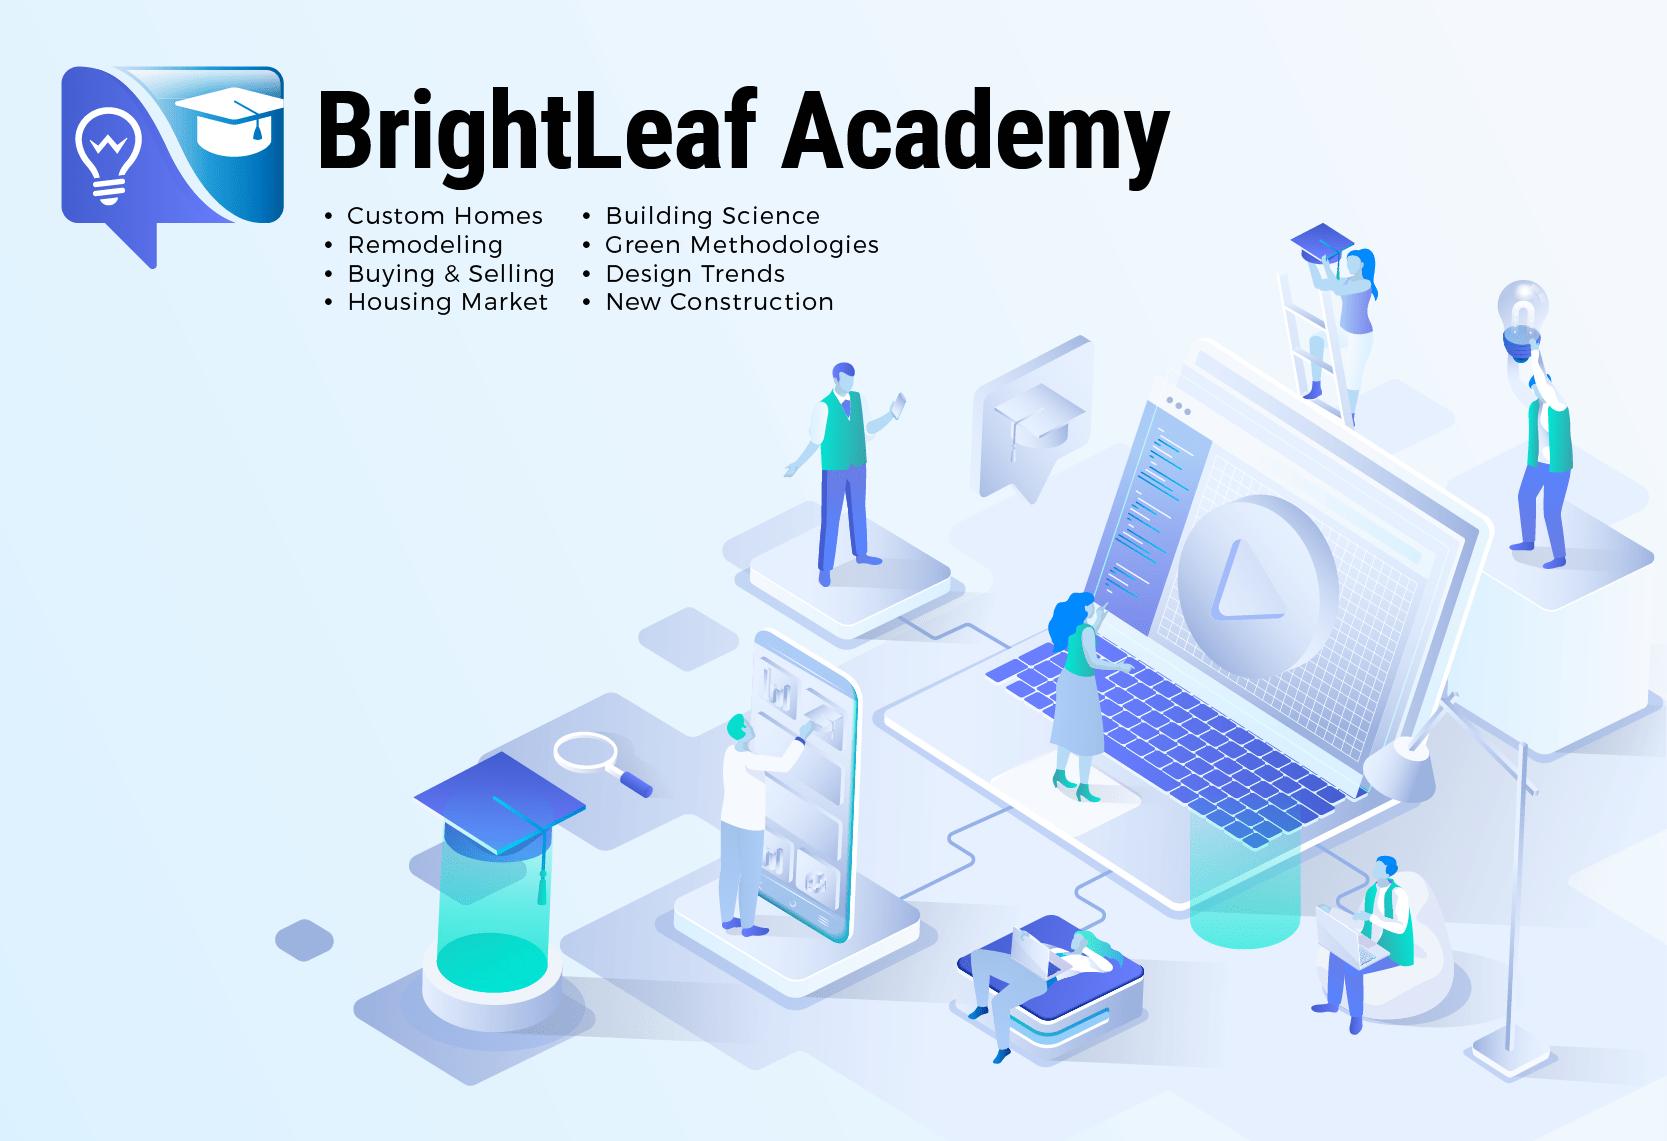 BrightLeaf Academy